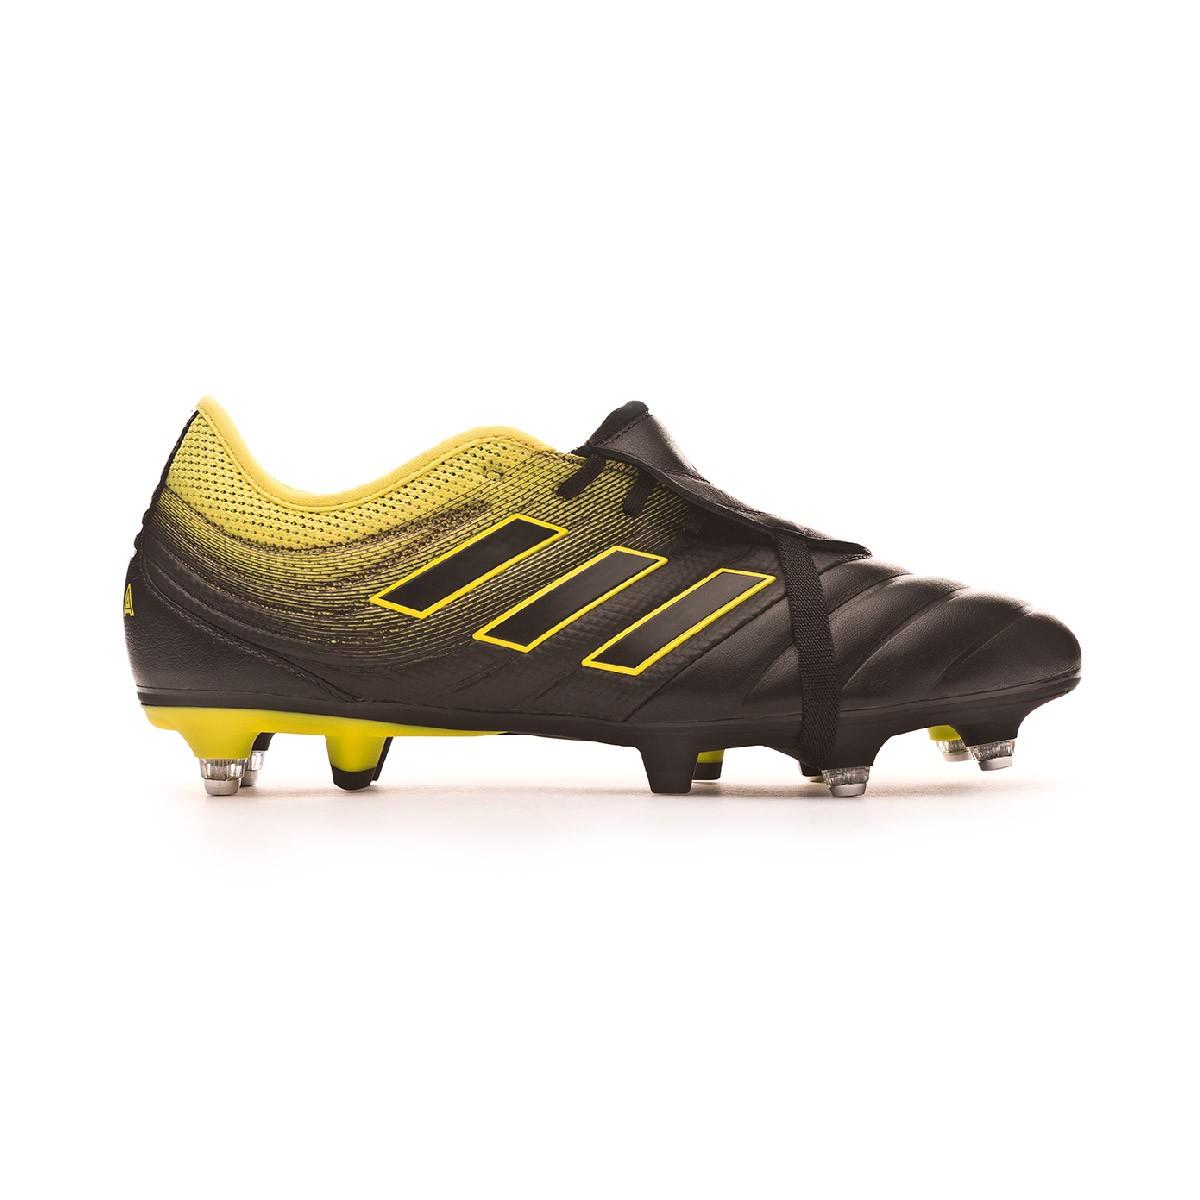 Chaussure de foot adidas Copa Gloro 19.2 SG